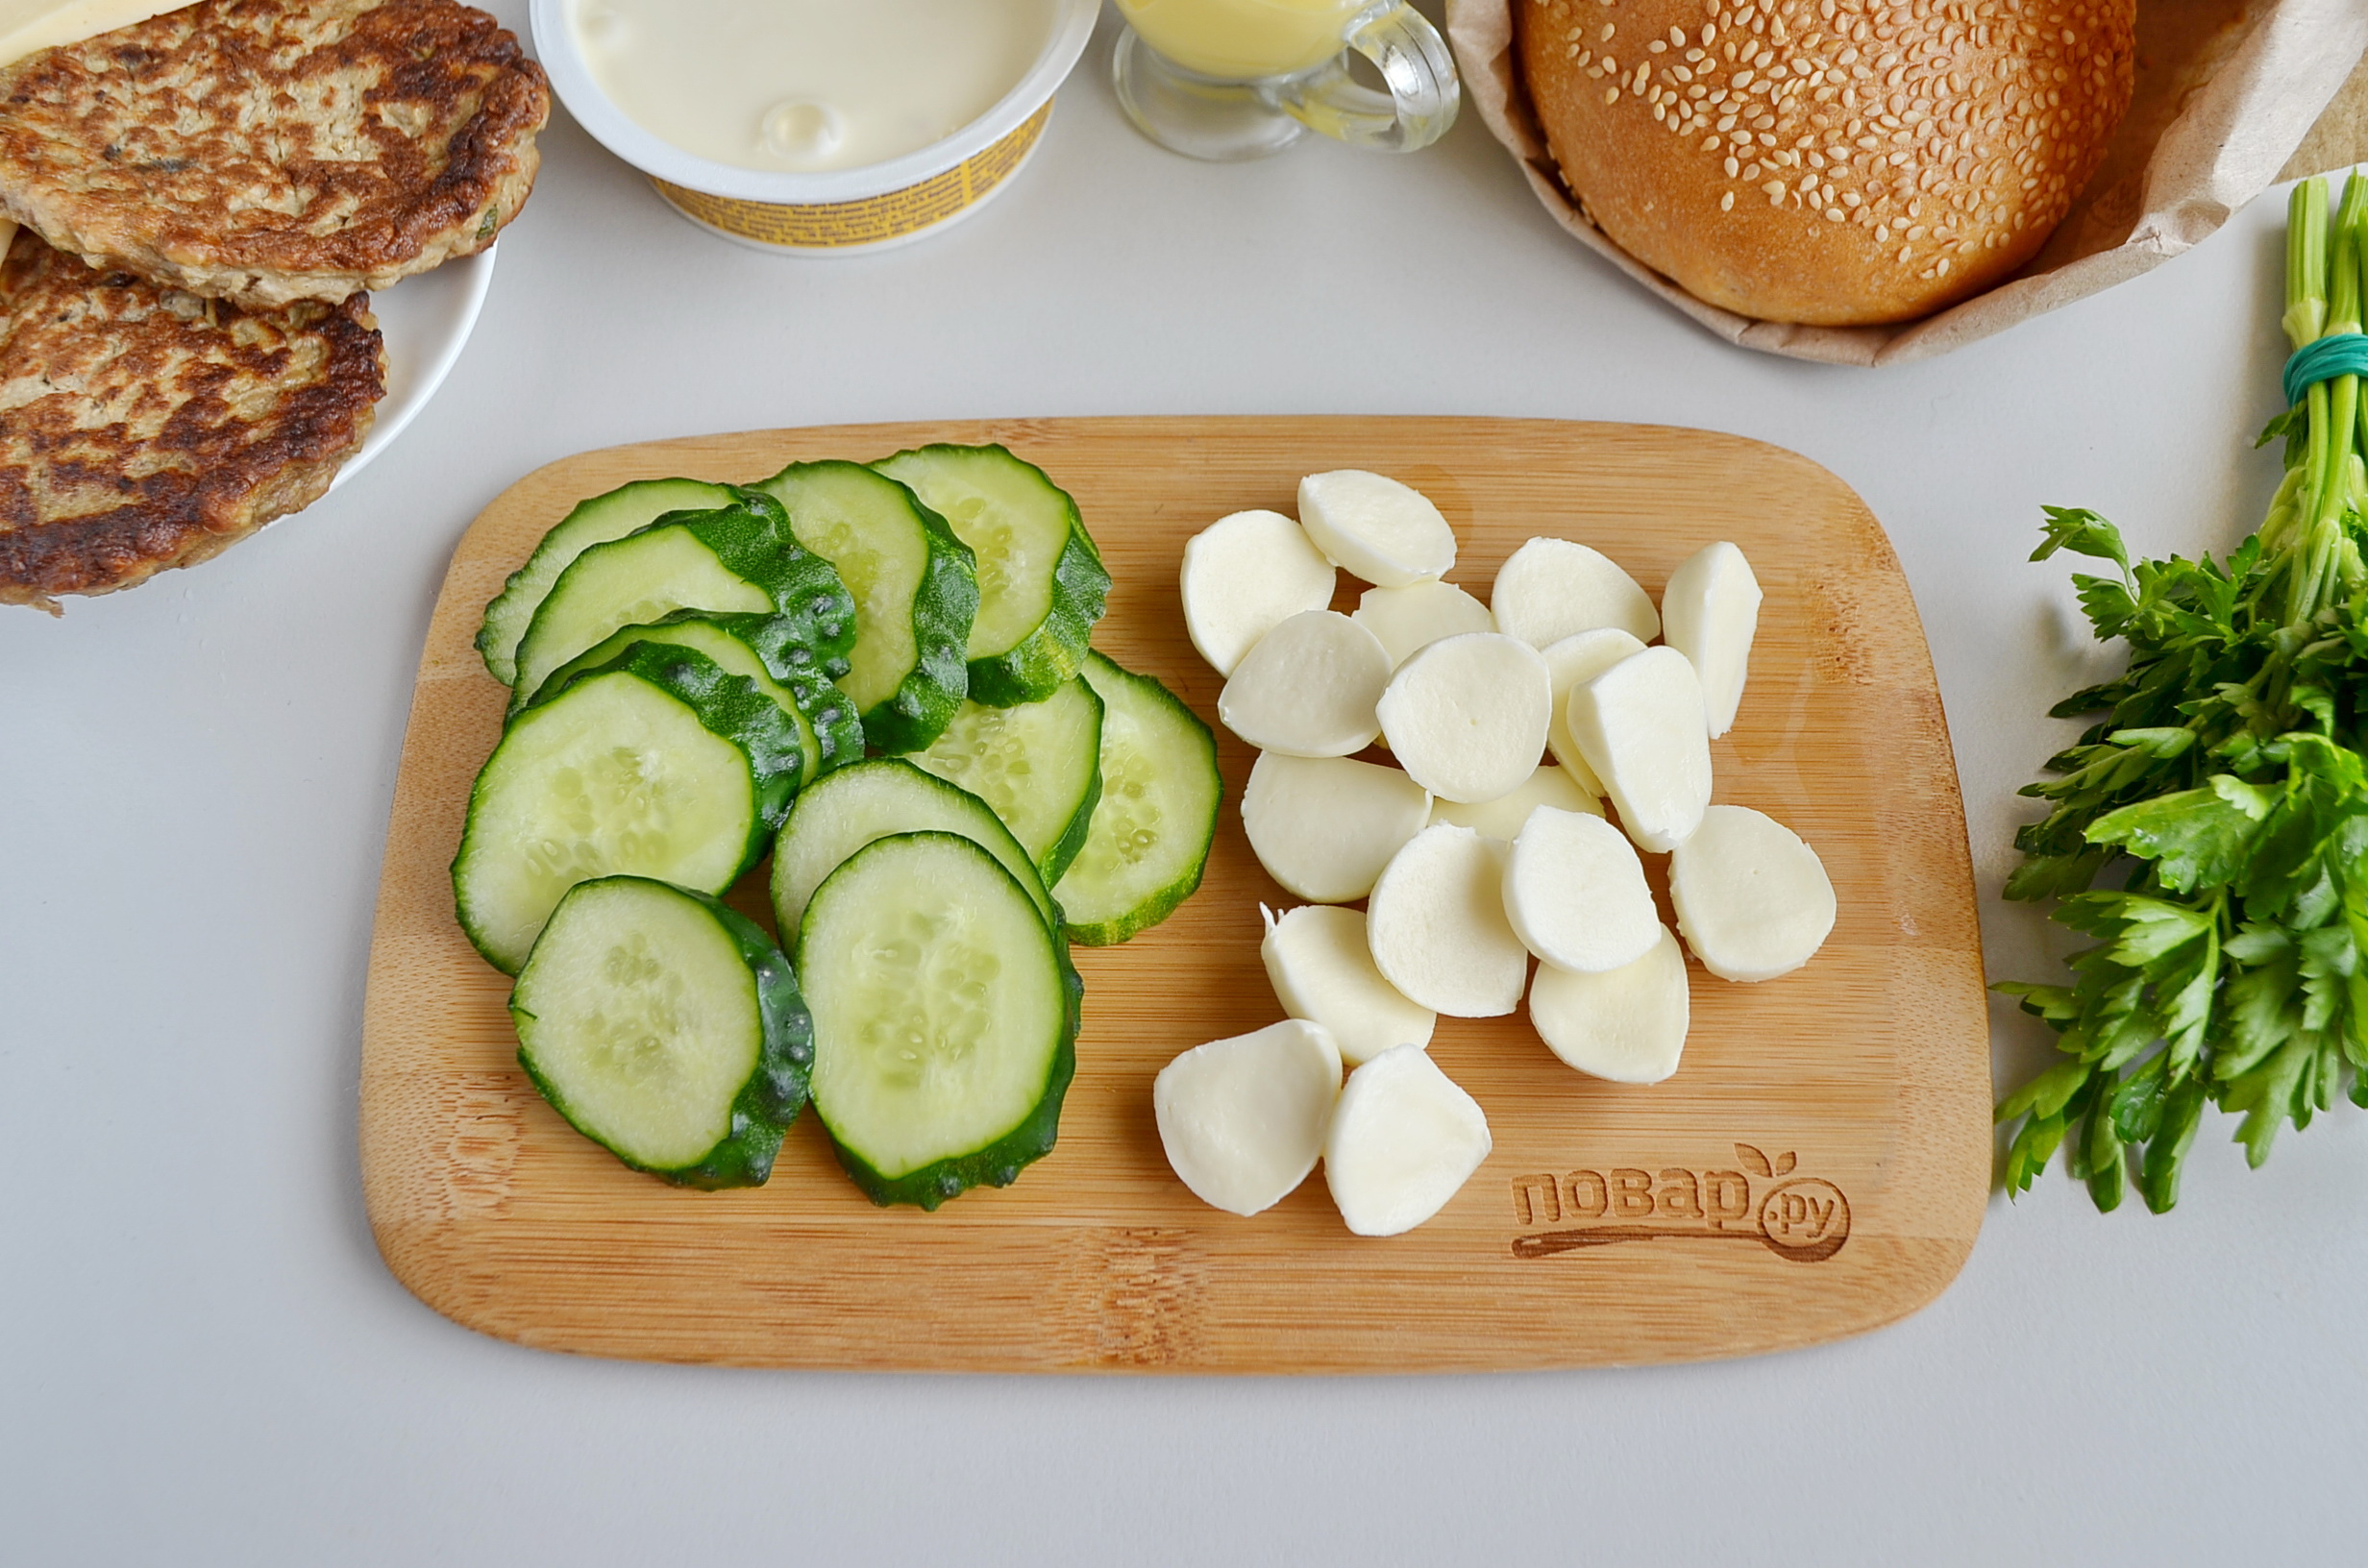 Огурцы и моцарелла для приготовления сырного бургера